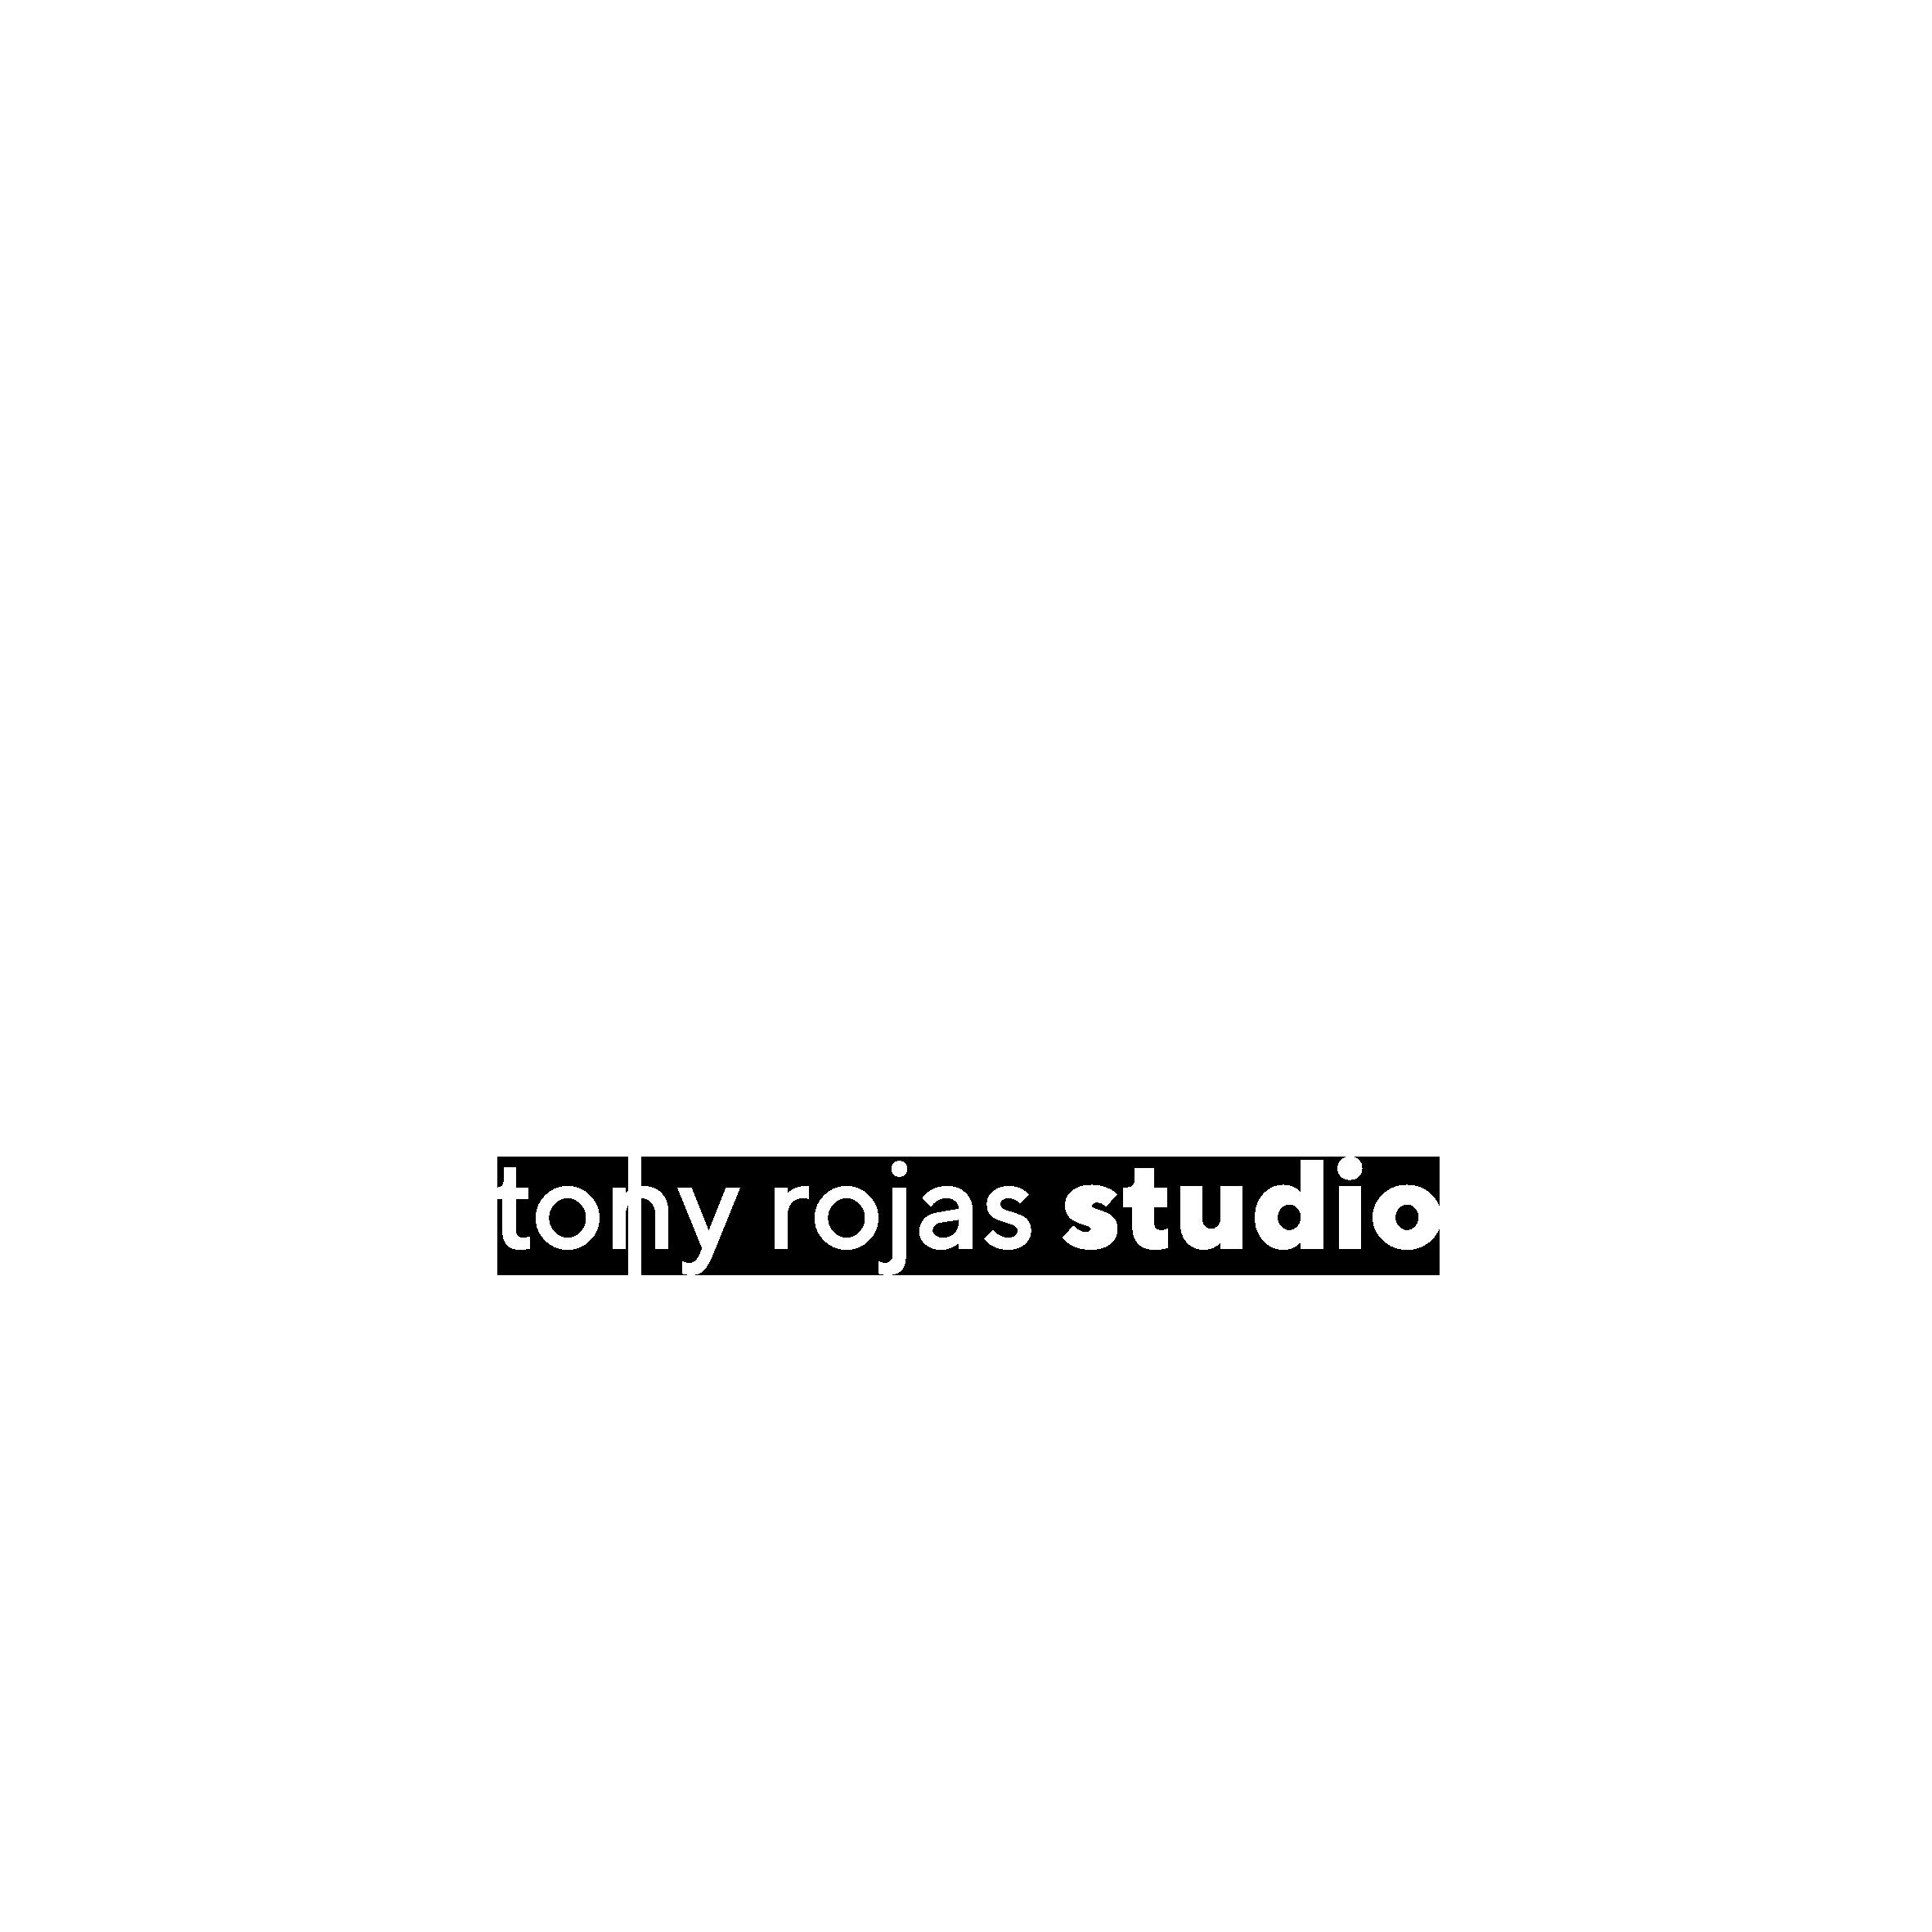 tony rojas studio